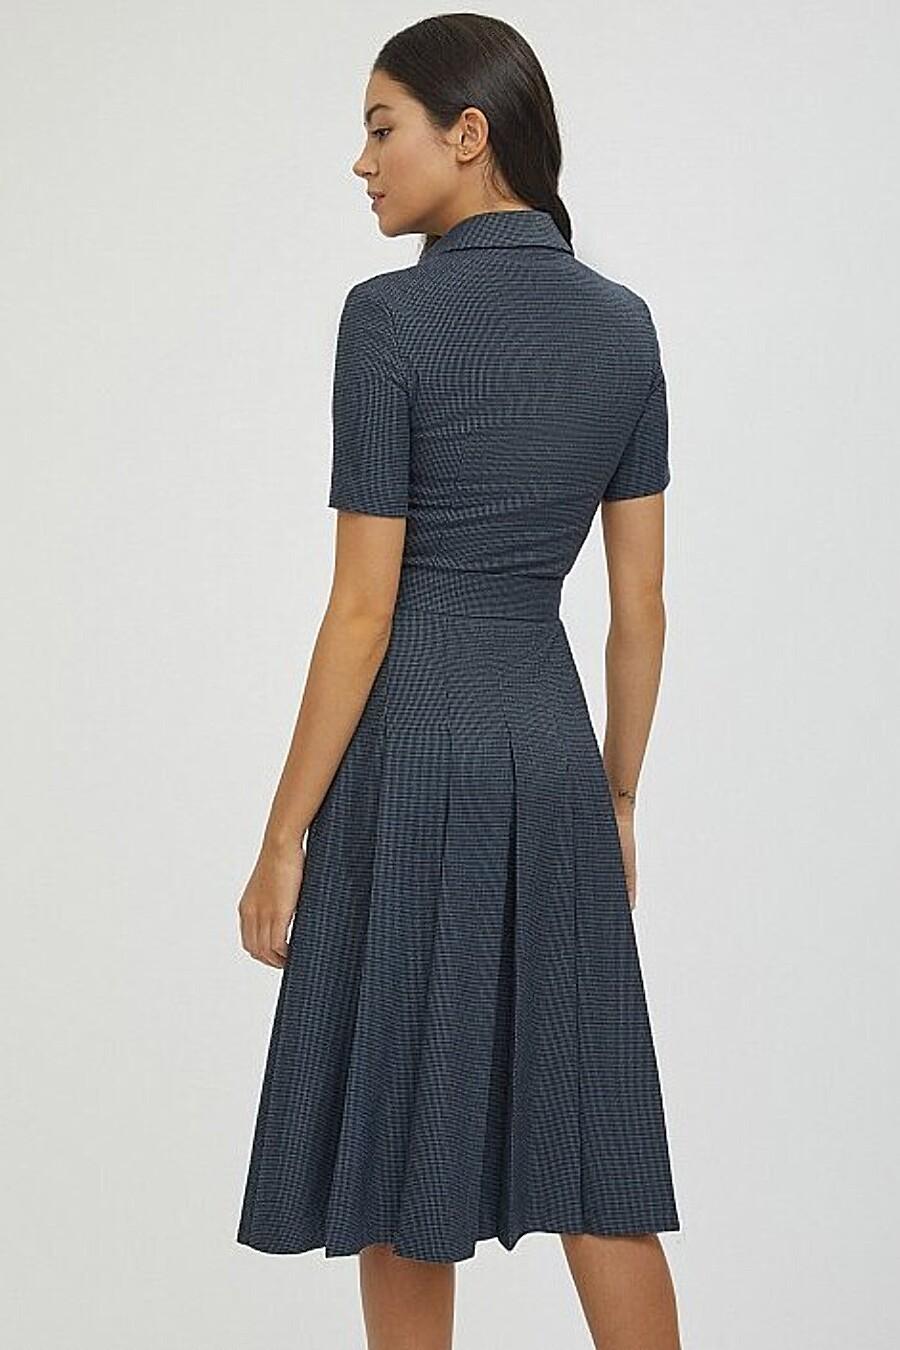 Платье для женщин CALISTA 272718 купить оптом от производителя. Совместная покупка женской одежды в OptMoyo